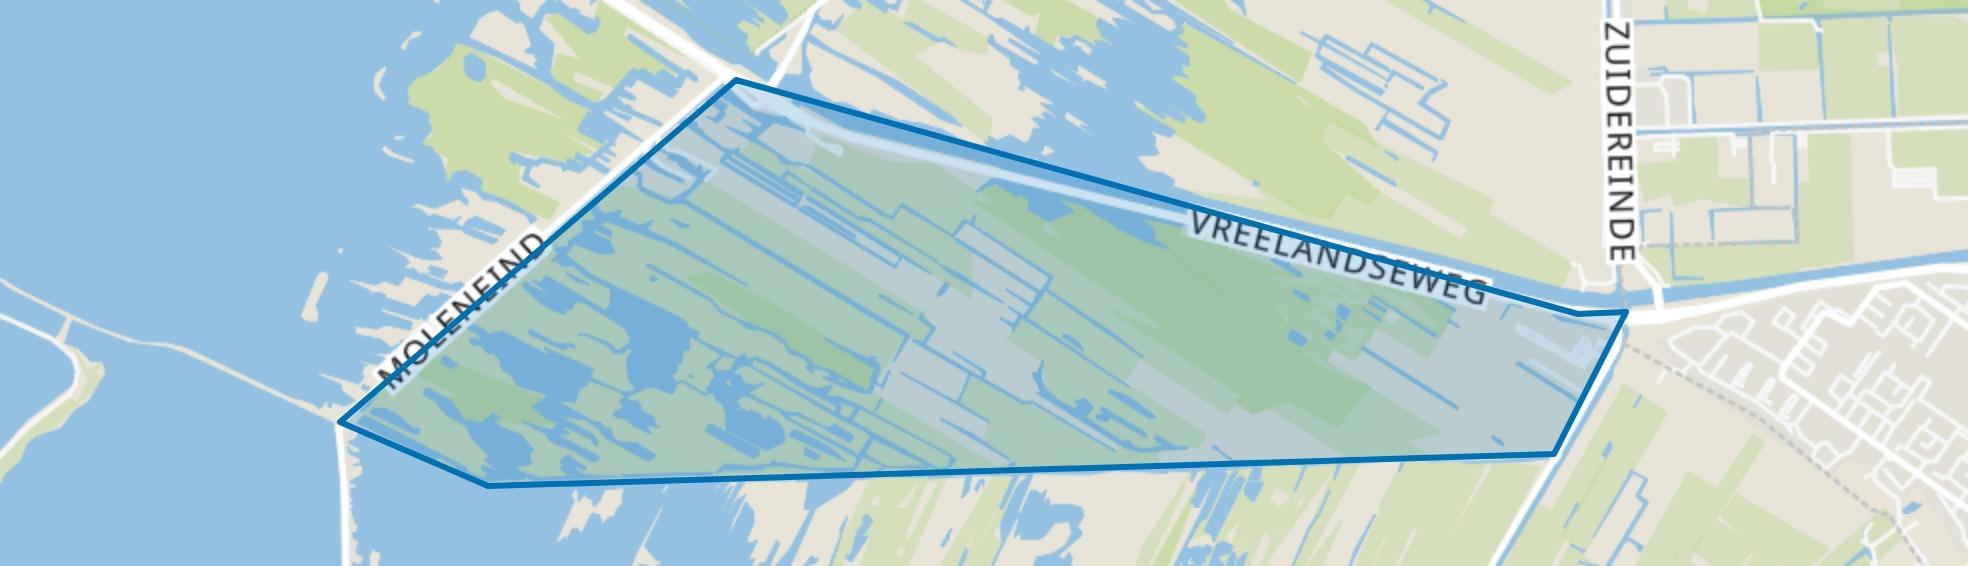 Kromme Rade, Kortenhoef map